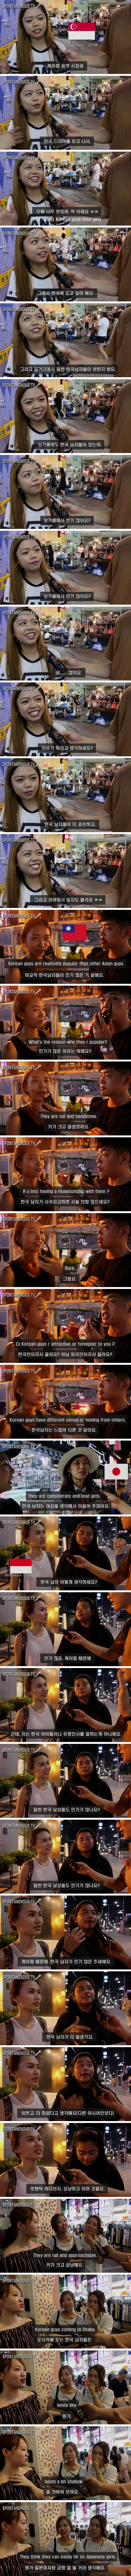 아시아 여성들이 생각하는 한국남성.jpg